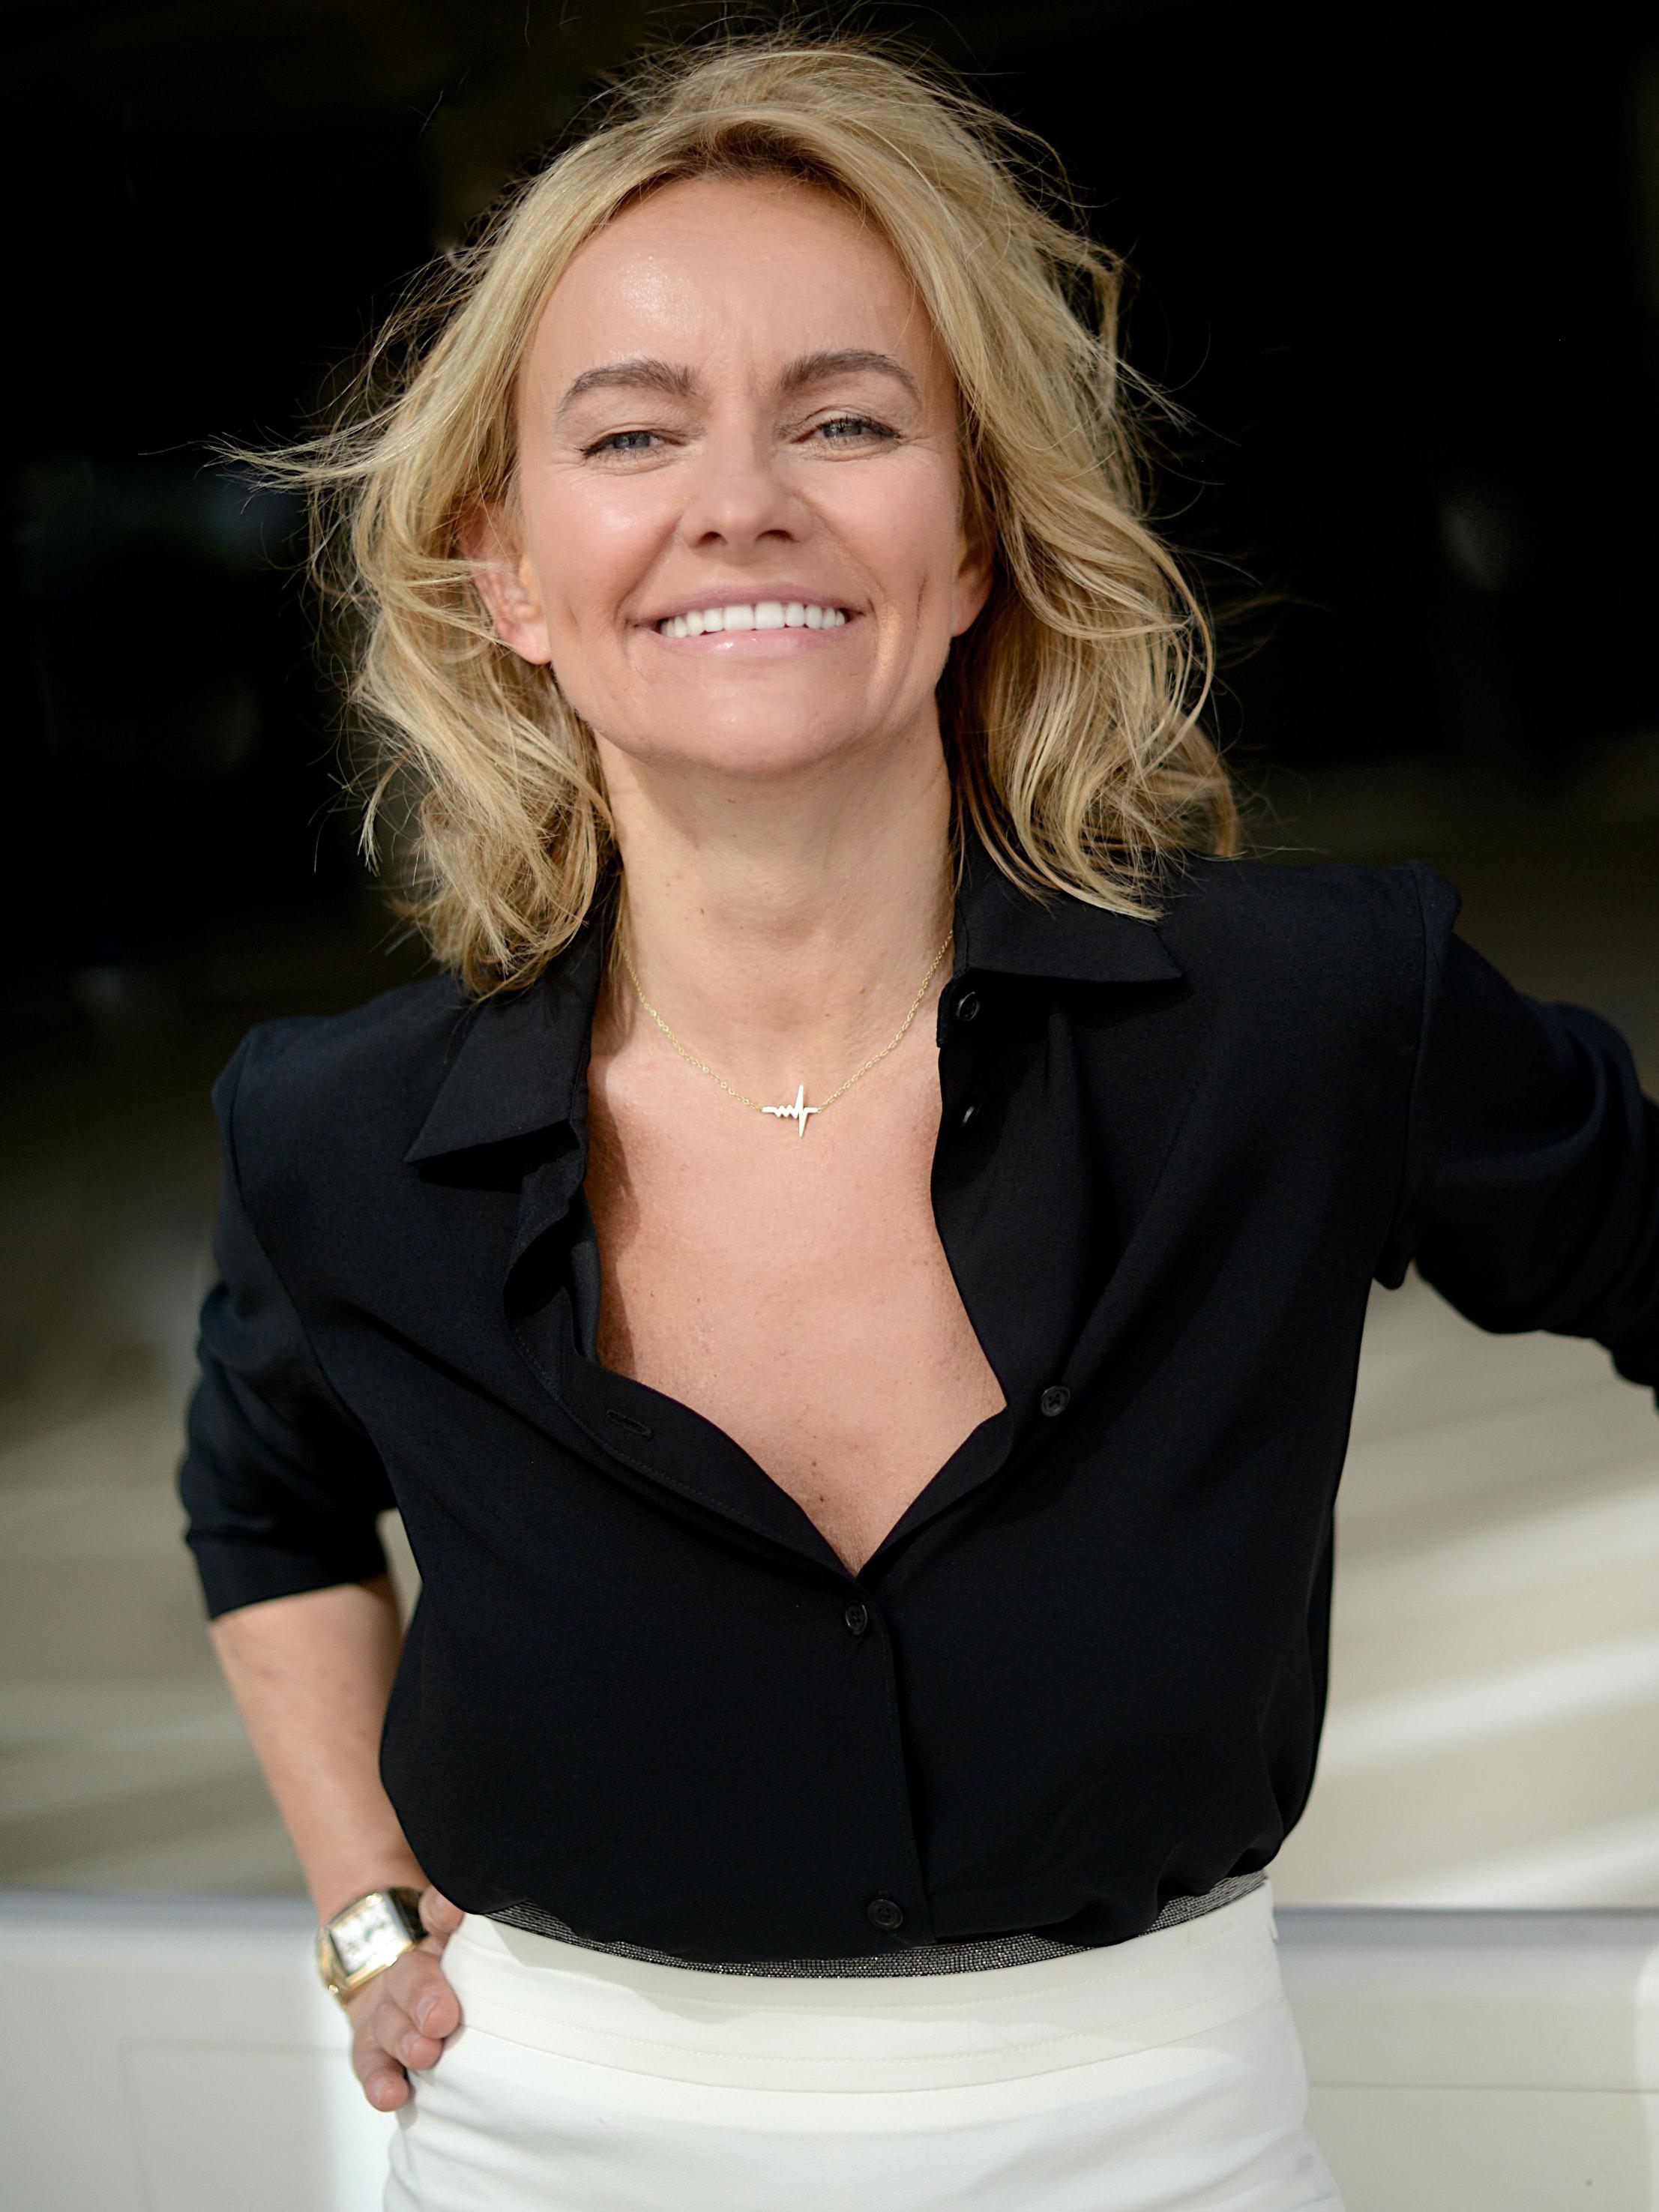 Dior Skincare Ambassador Joanna Czech